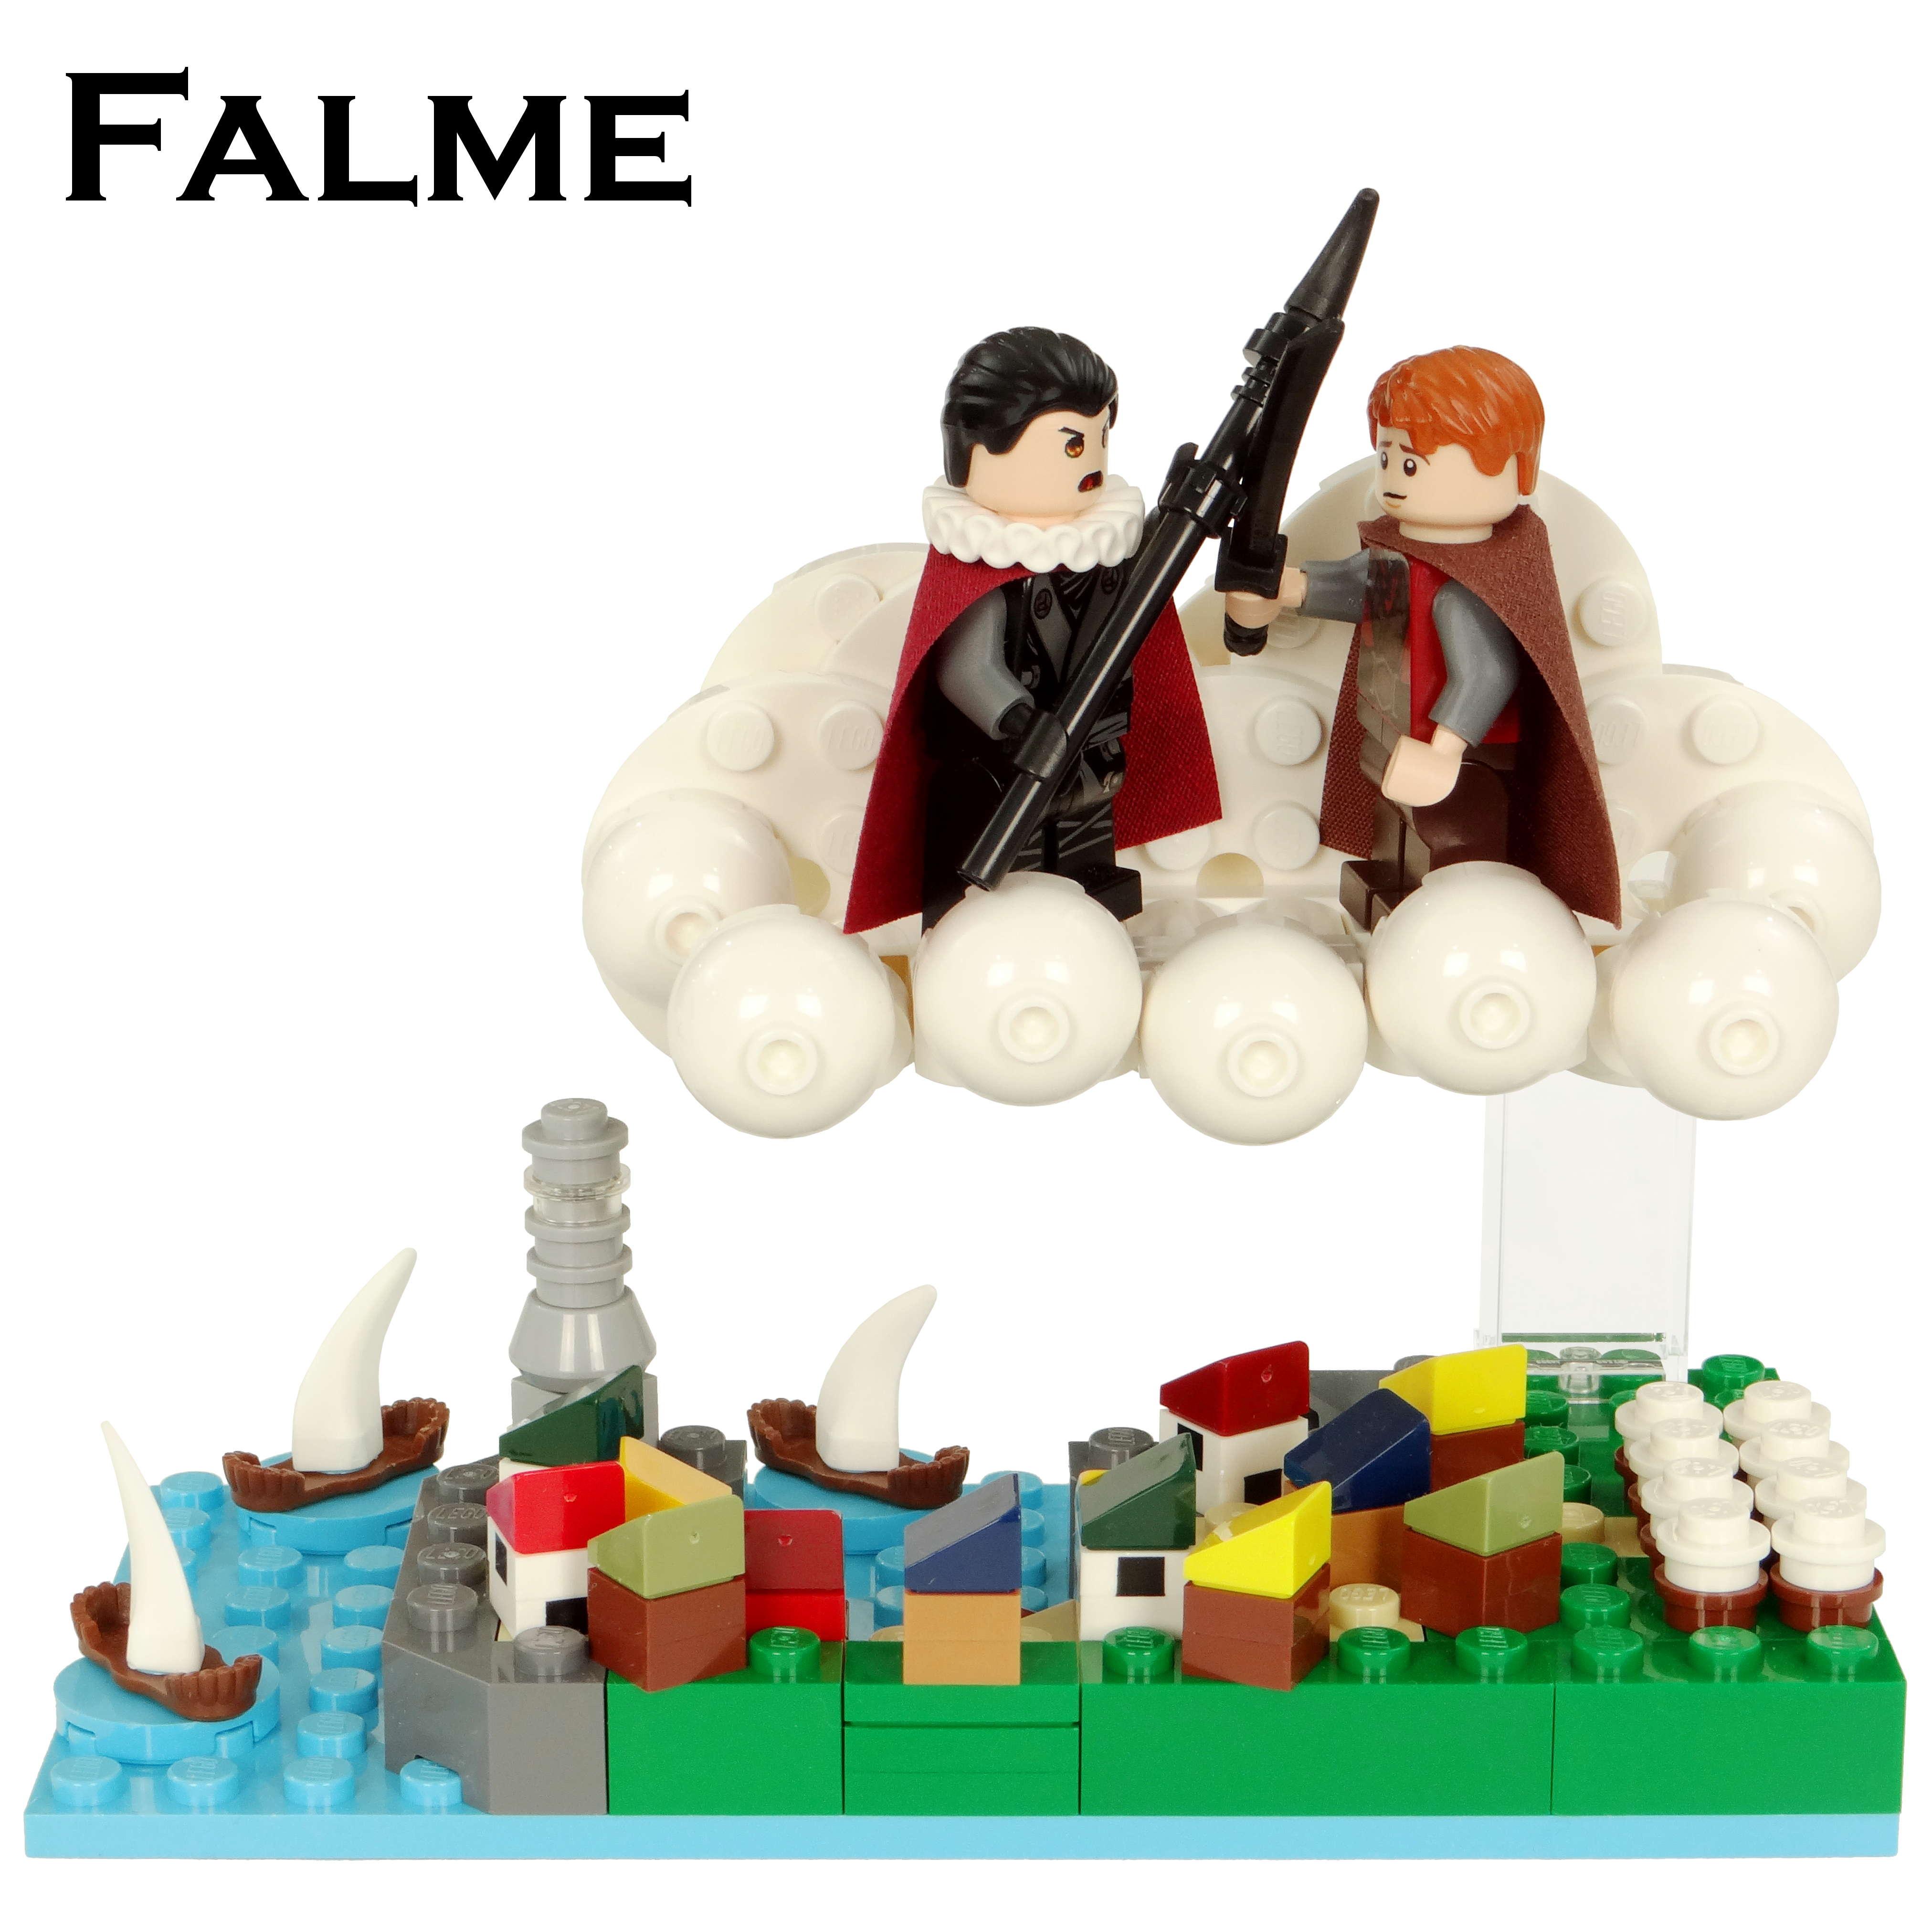 lego-battle-of-falme